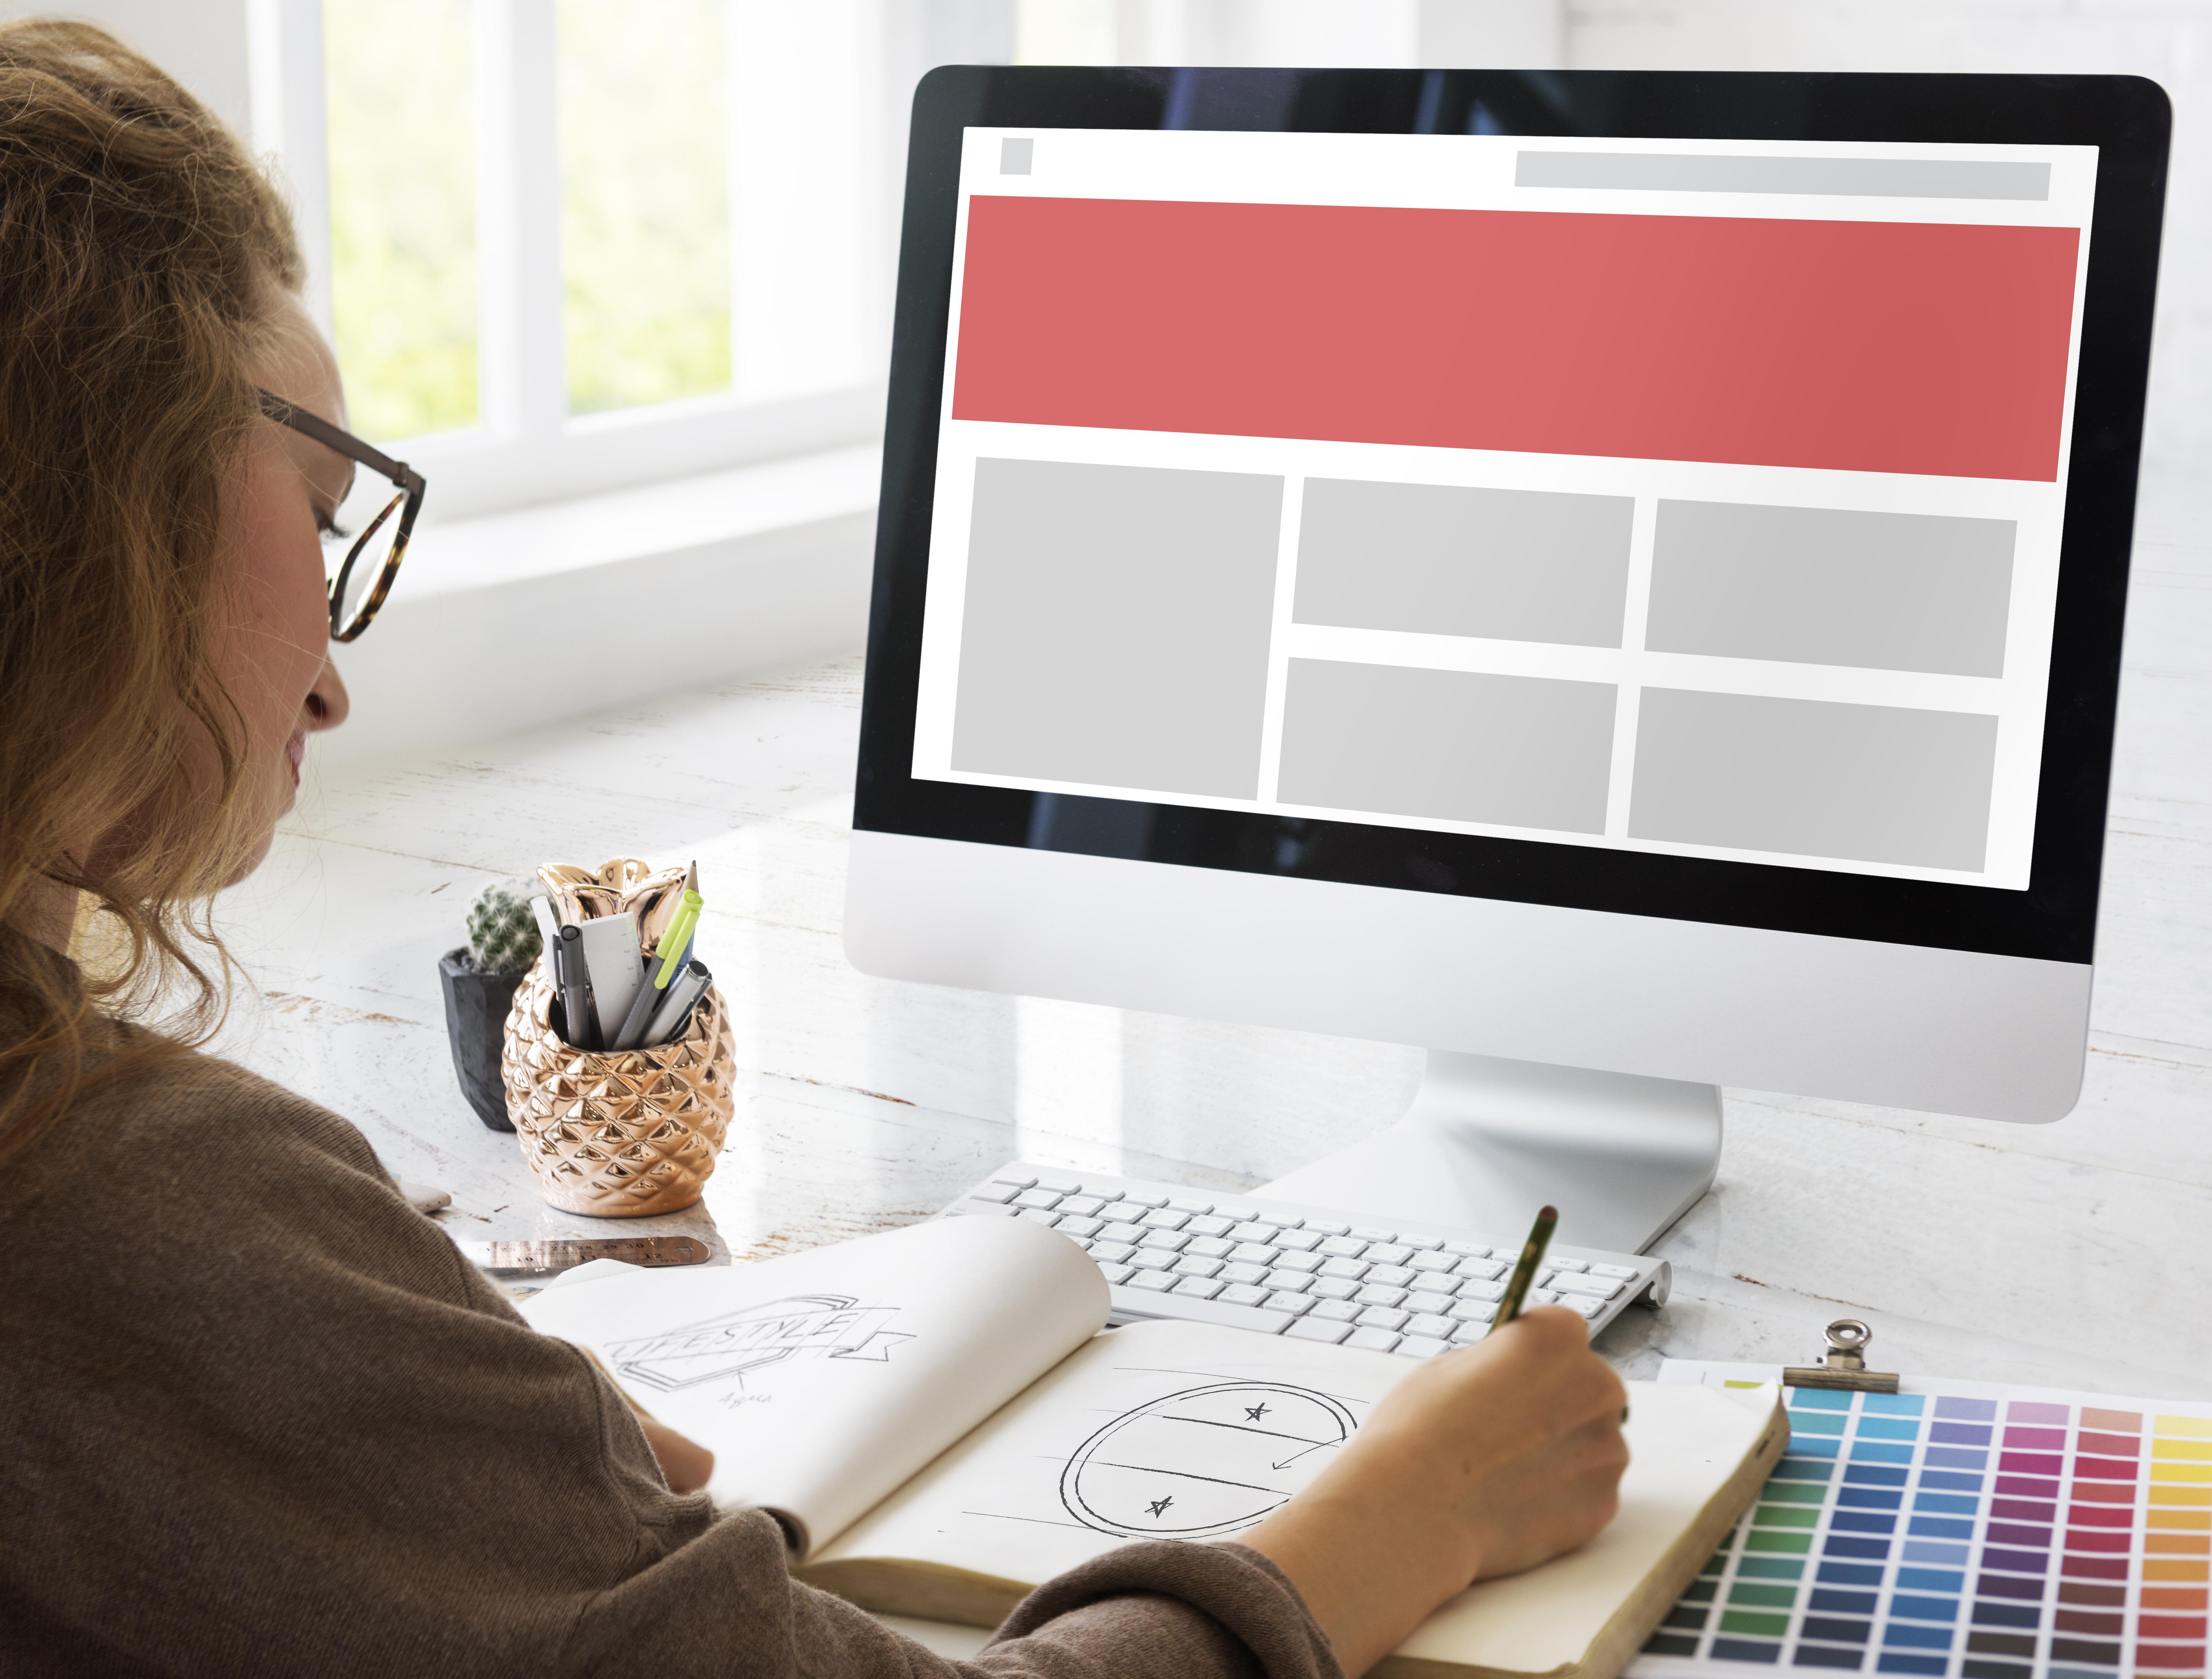 Booster le taux de conversion de votre site web grâce à l'UX Design [GUIDE]